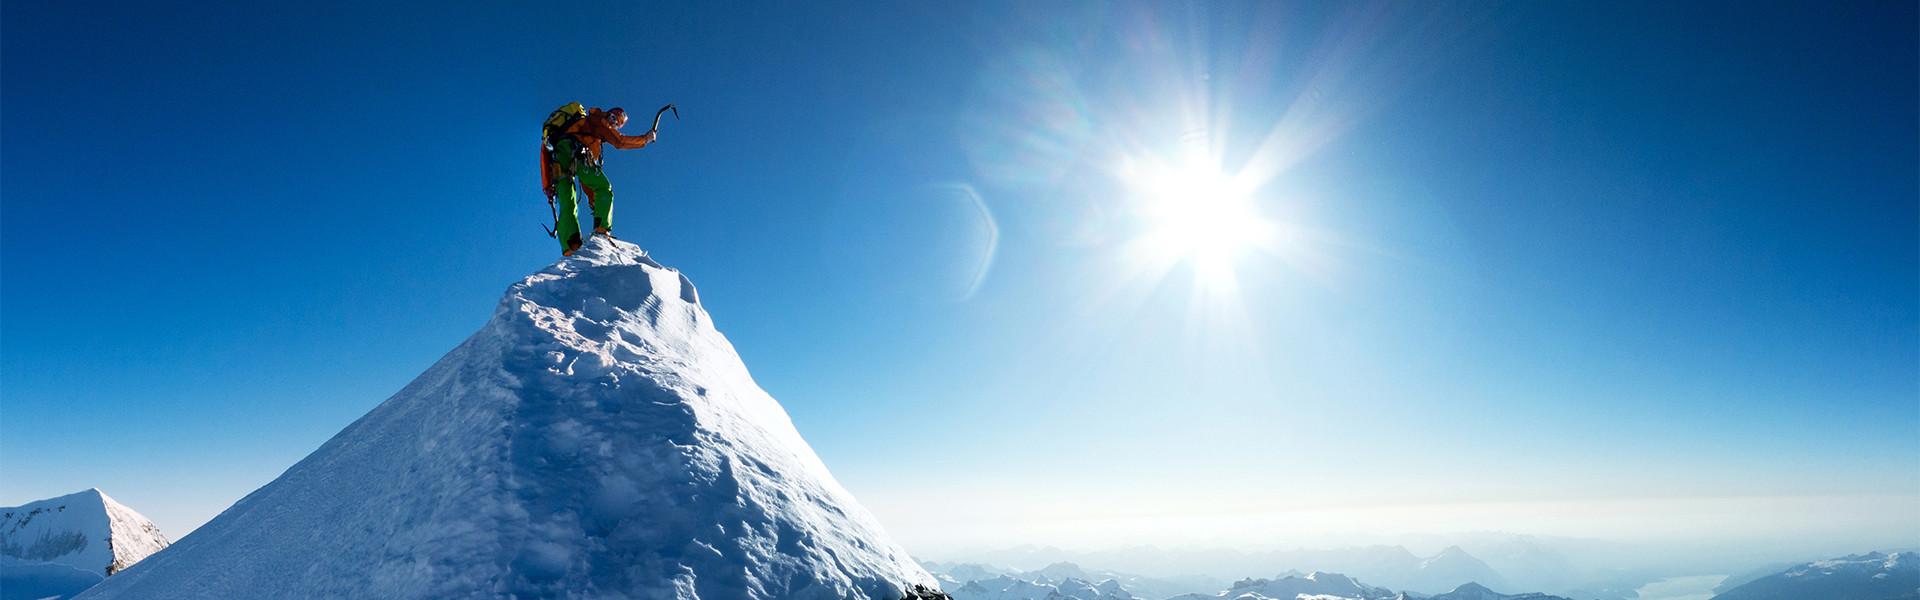 Bergsteiger auf schneebedecktem Gipfel